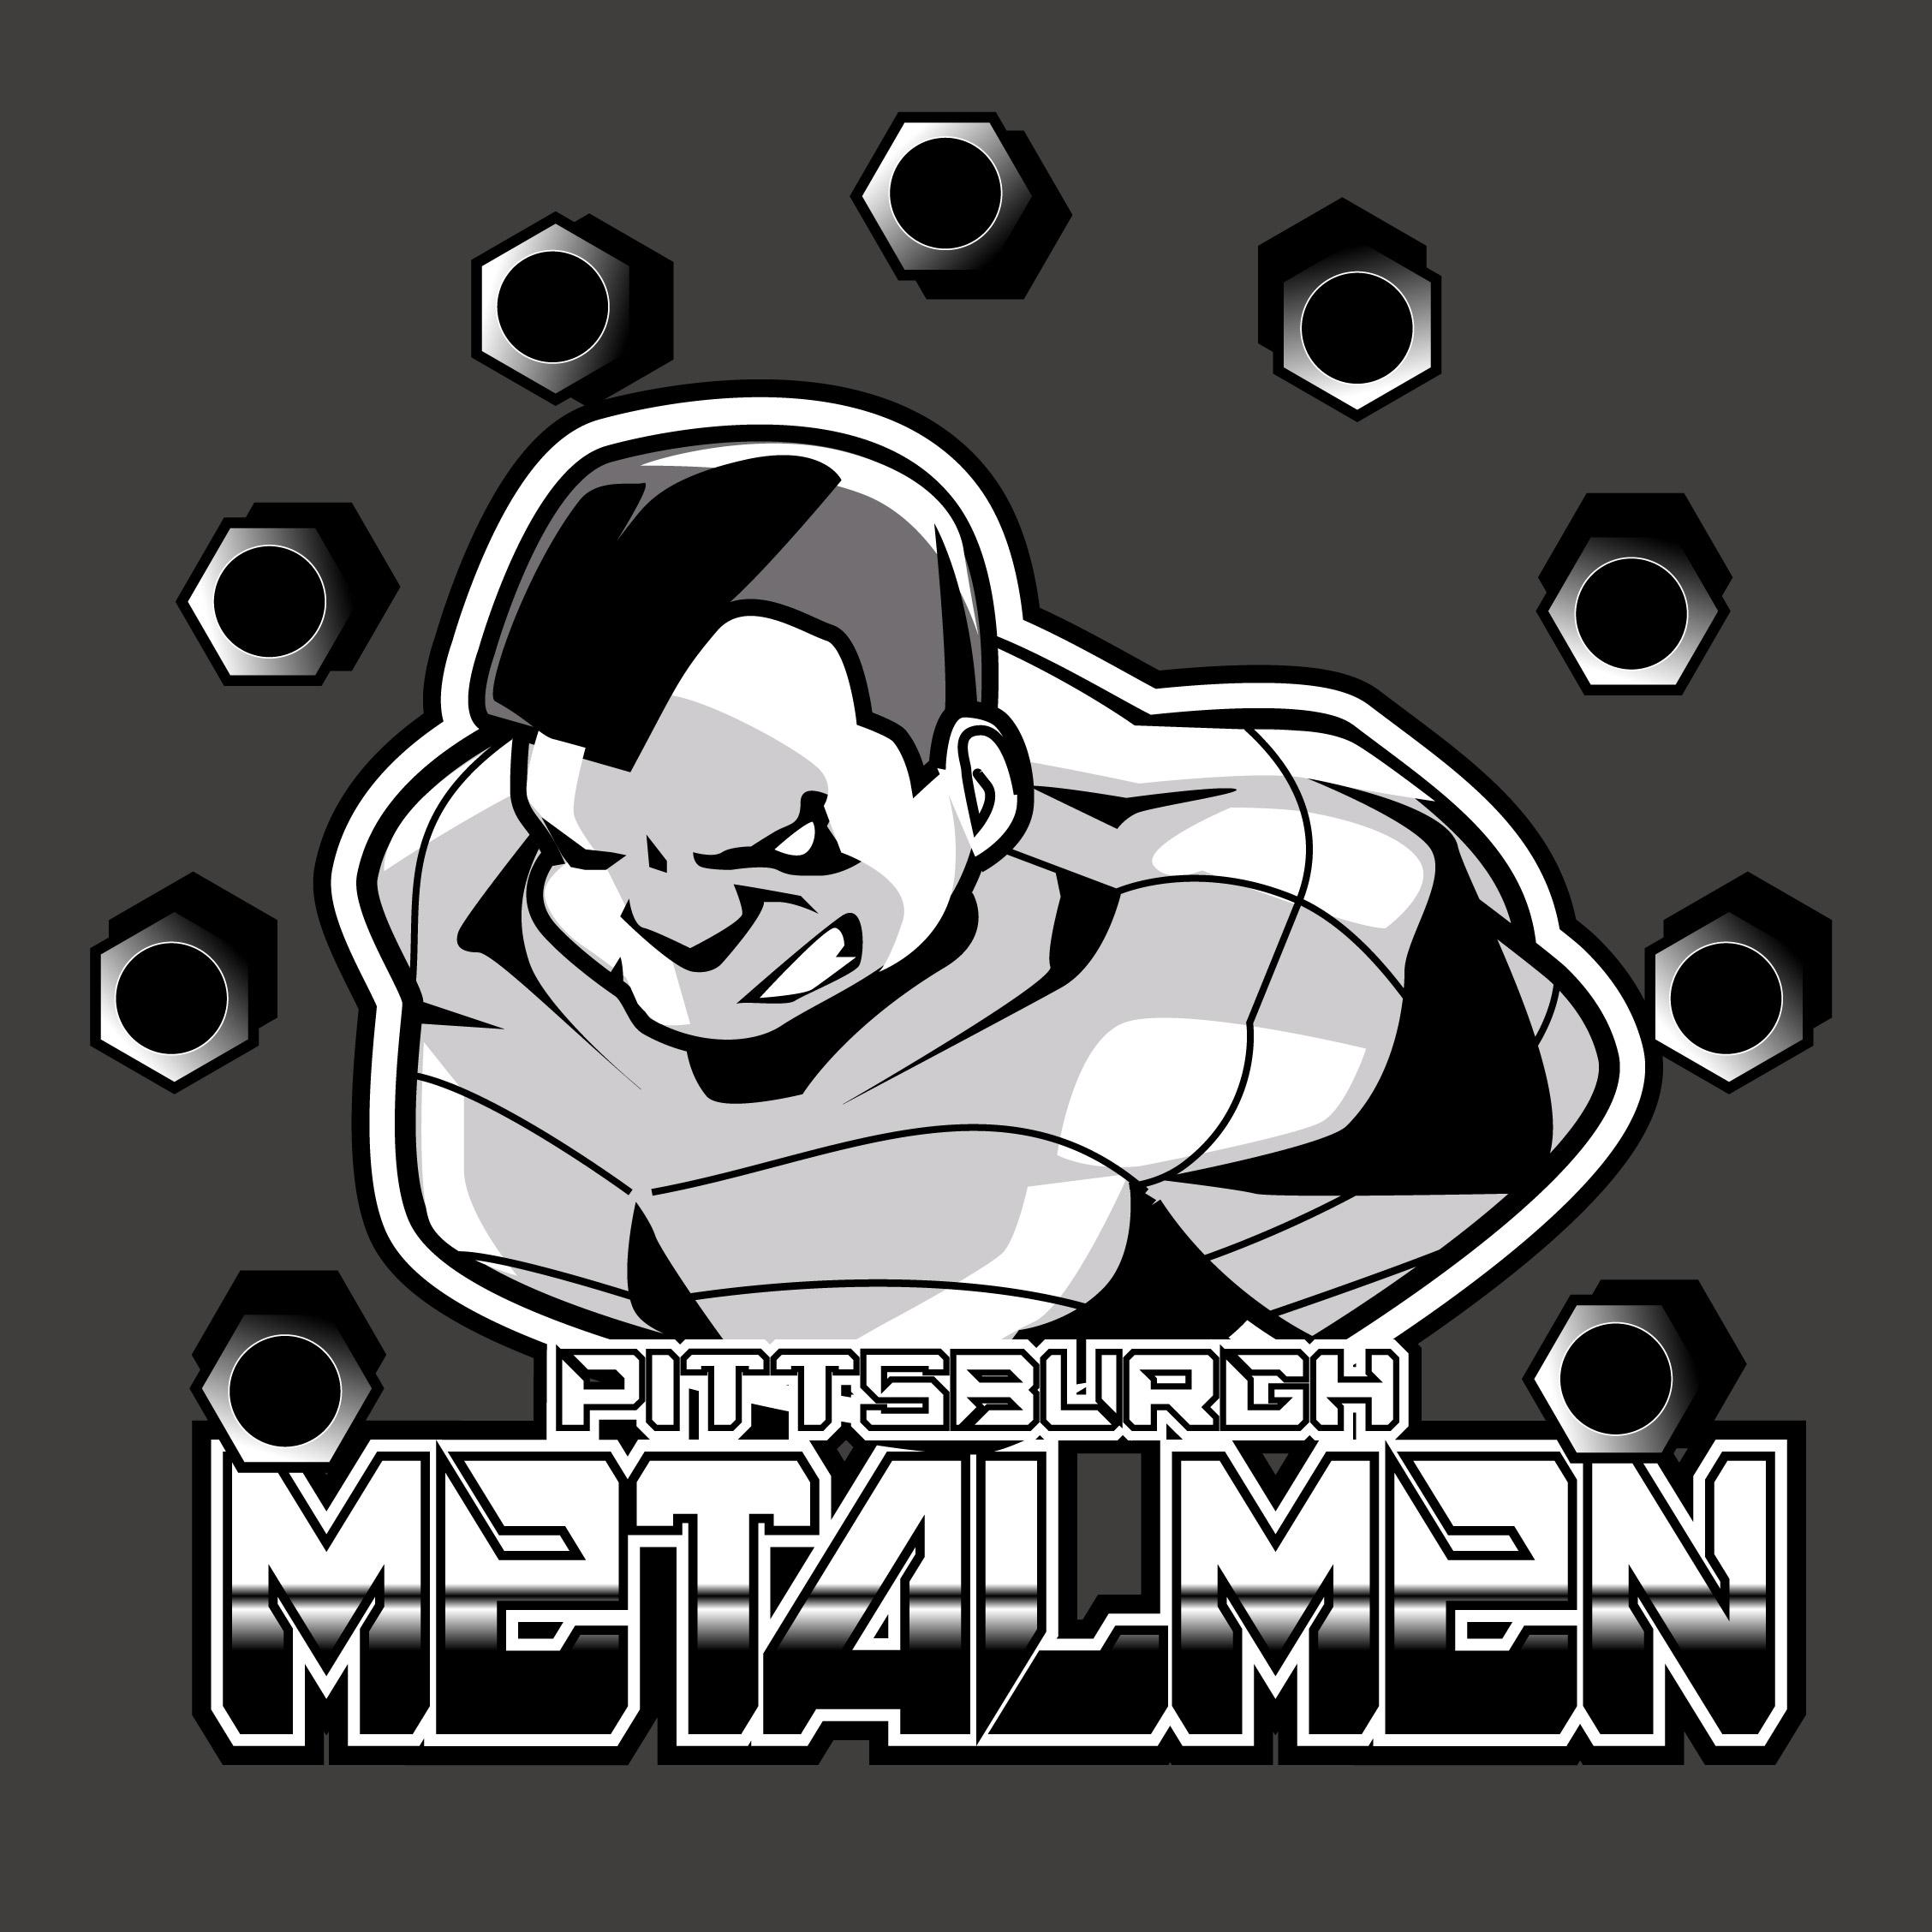 Pittsburgh Metal Men